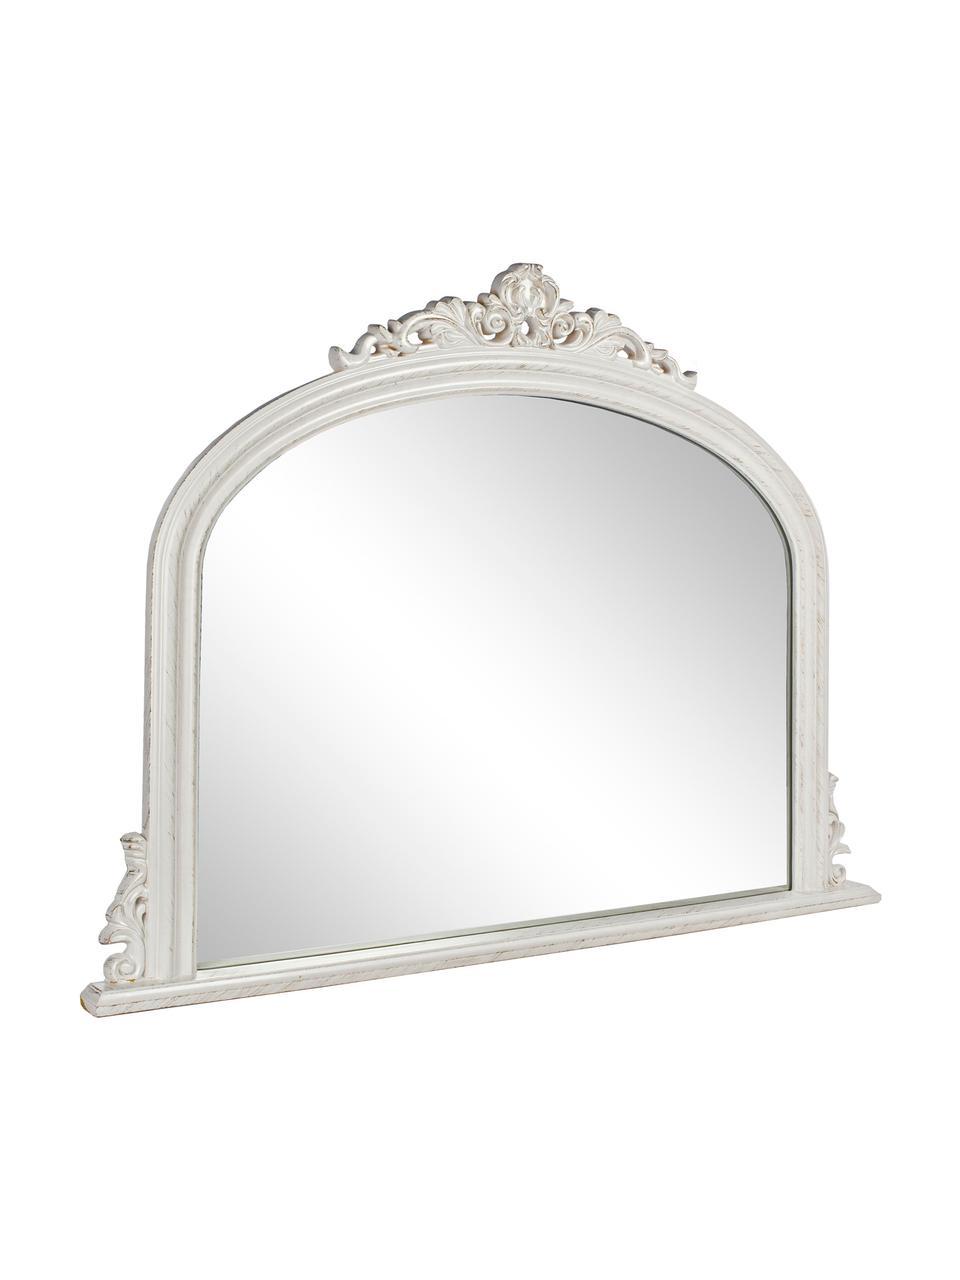 Wandspiegel Miro mit weißem Holzrahmen, Rahmen: Holz, beschichtet, Spiegelfläche: Spiegelglas, Weiß, 120 x 90 cm